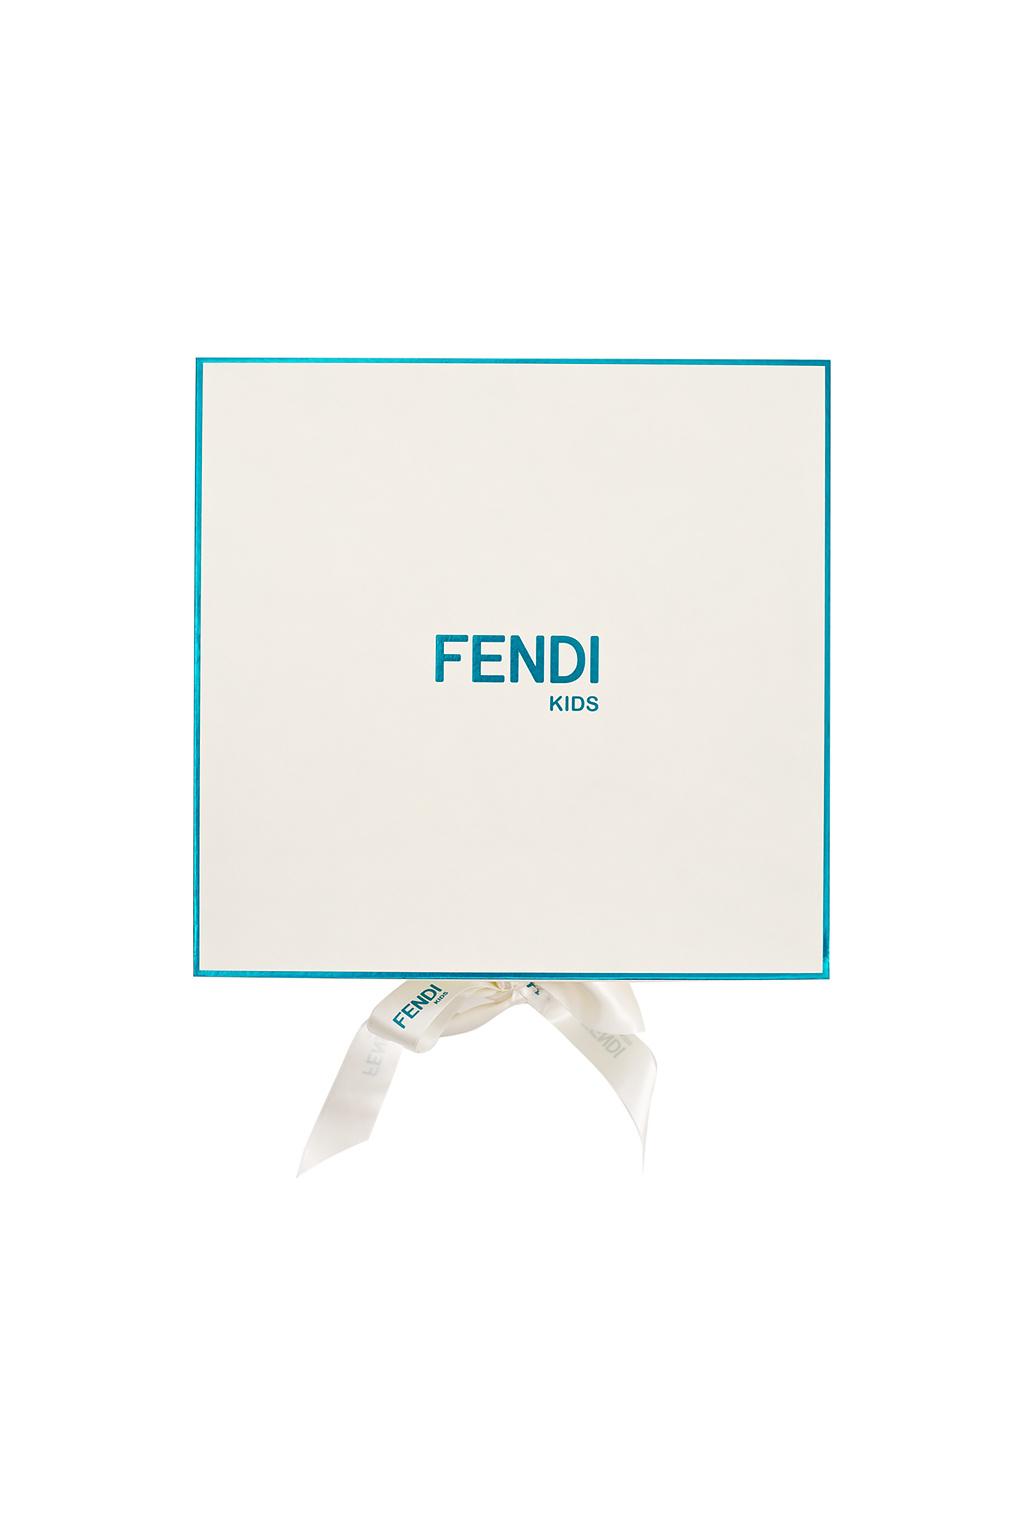 Fendi Kids Cotton set with logo